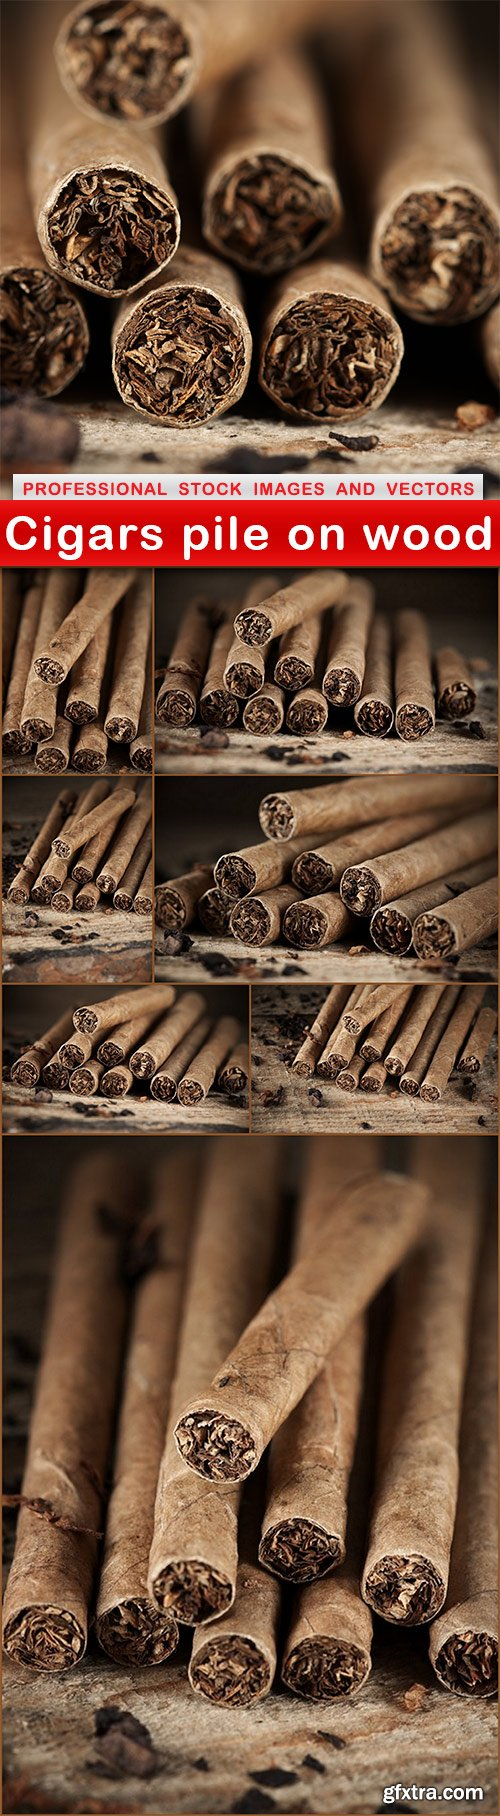 Cigars pile on wood - 8 UHQ JPEG